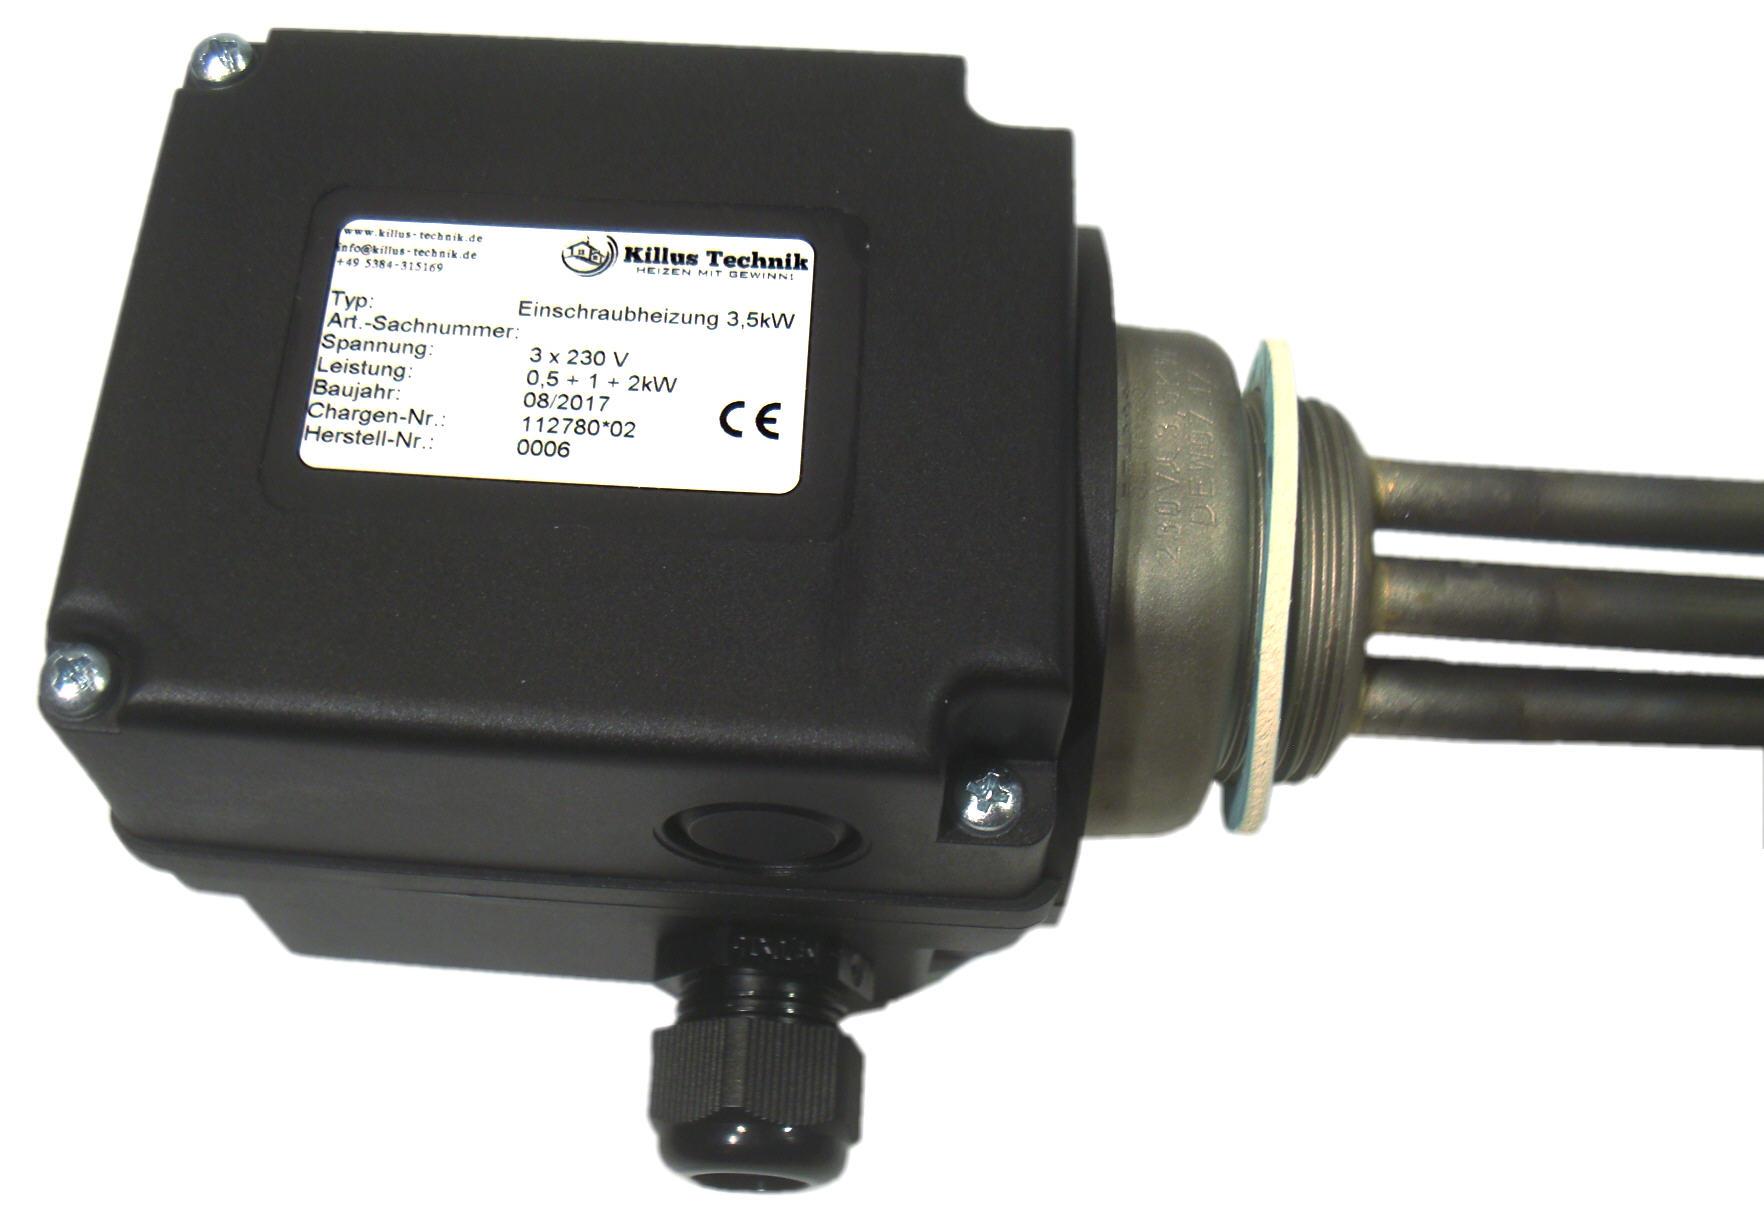 Vario-Heizer-PV variabler Elektroheizstab 0,5 - 3,5 kW Anschlußkasten Edelstahl für Photovoltaik und Heizungen Killus-Technik.de